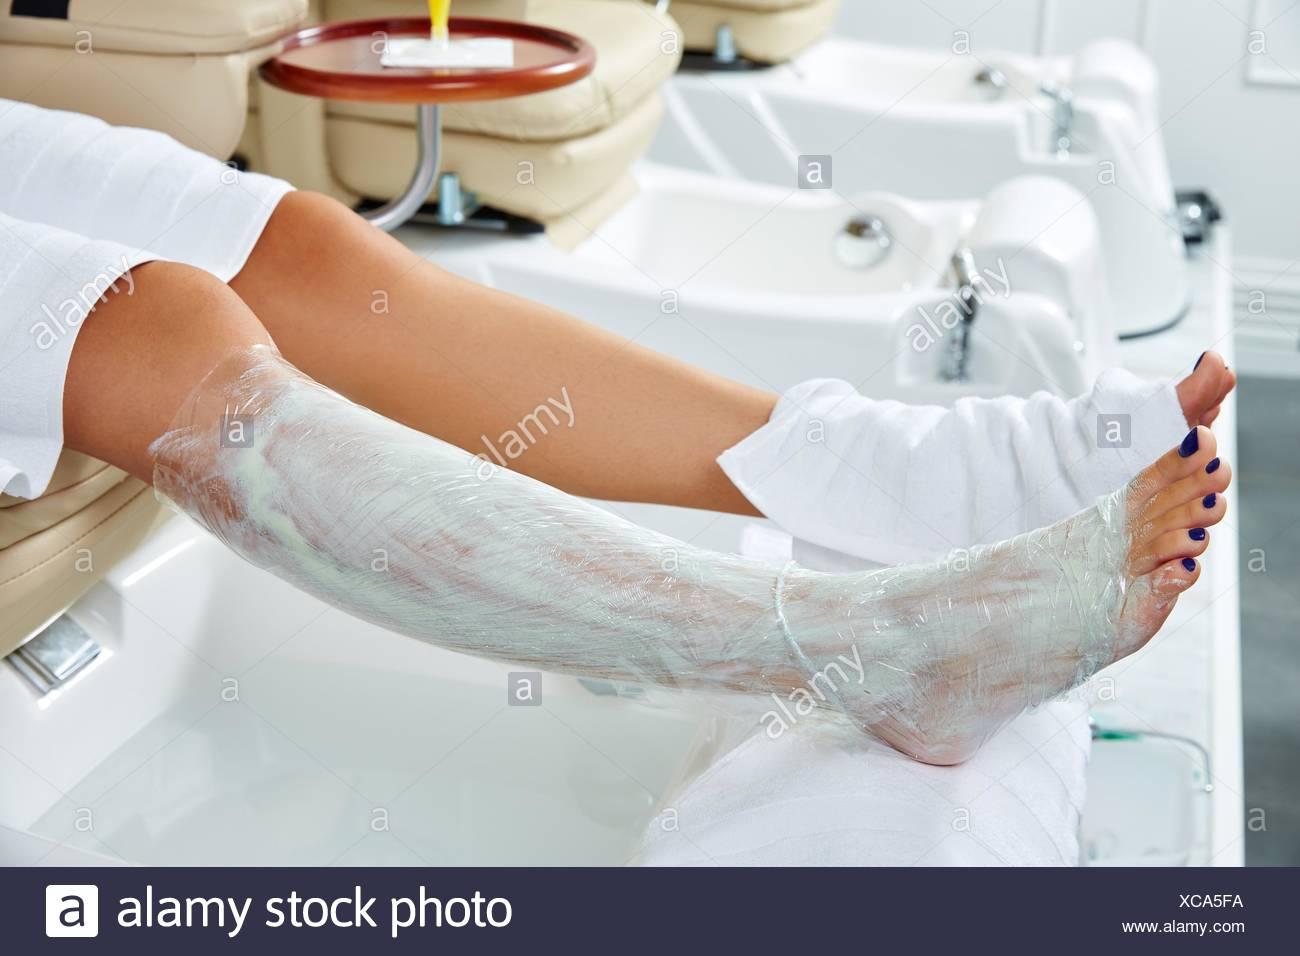 Beine frischhaltefolie